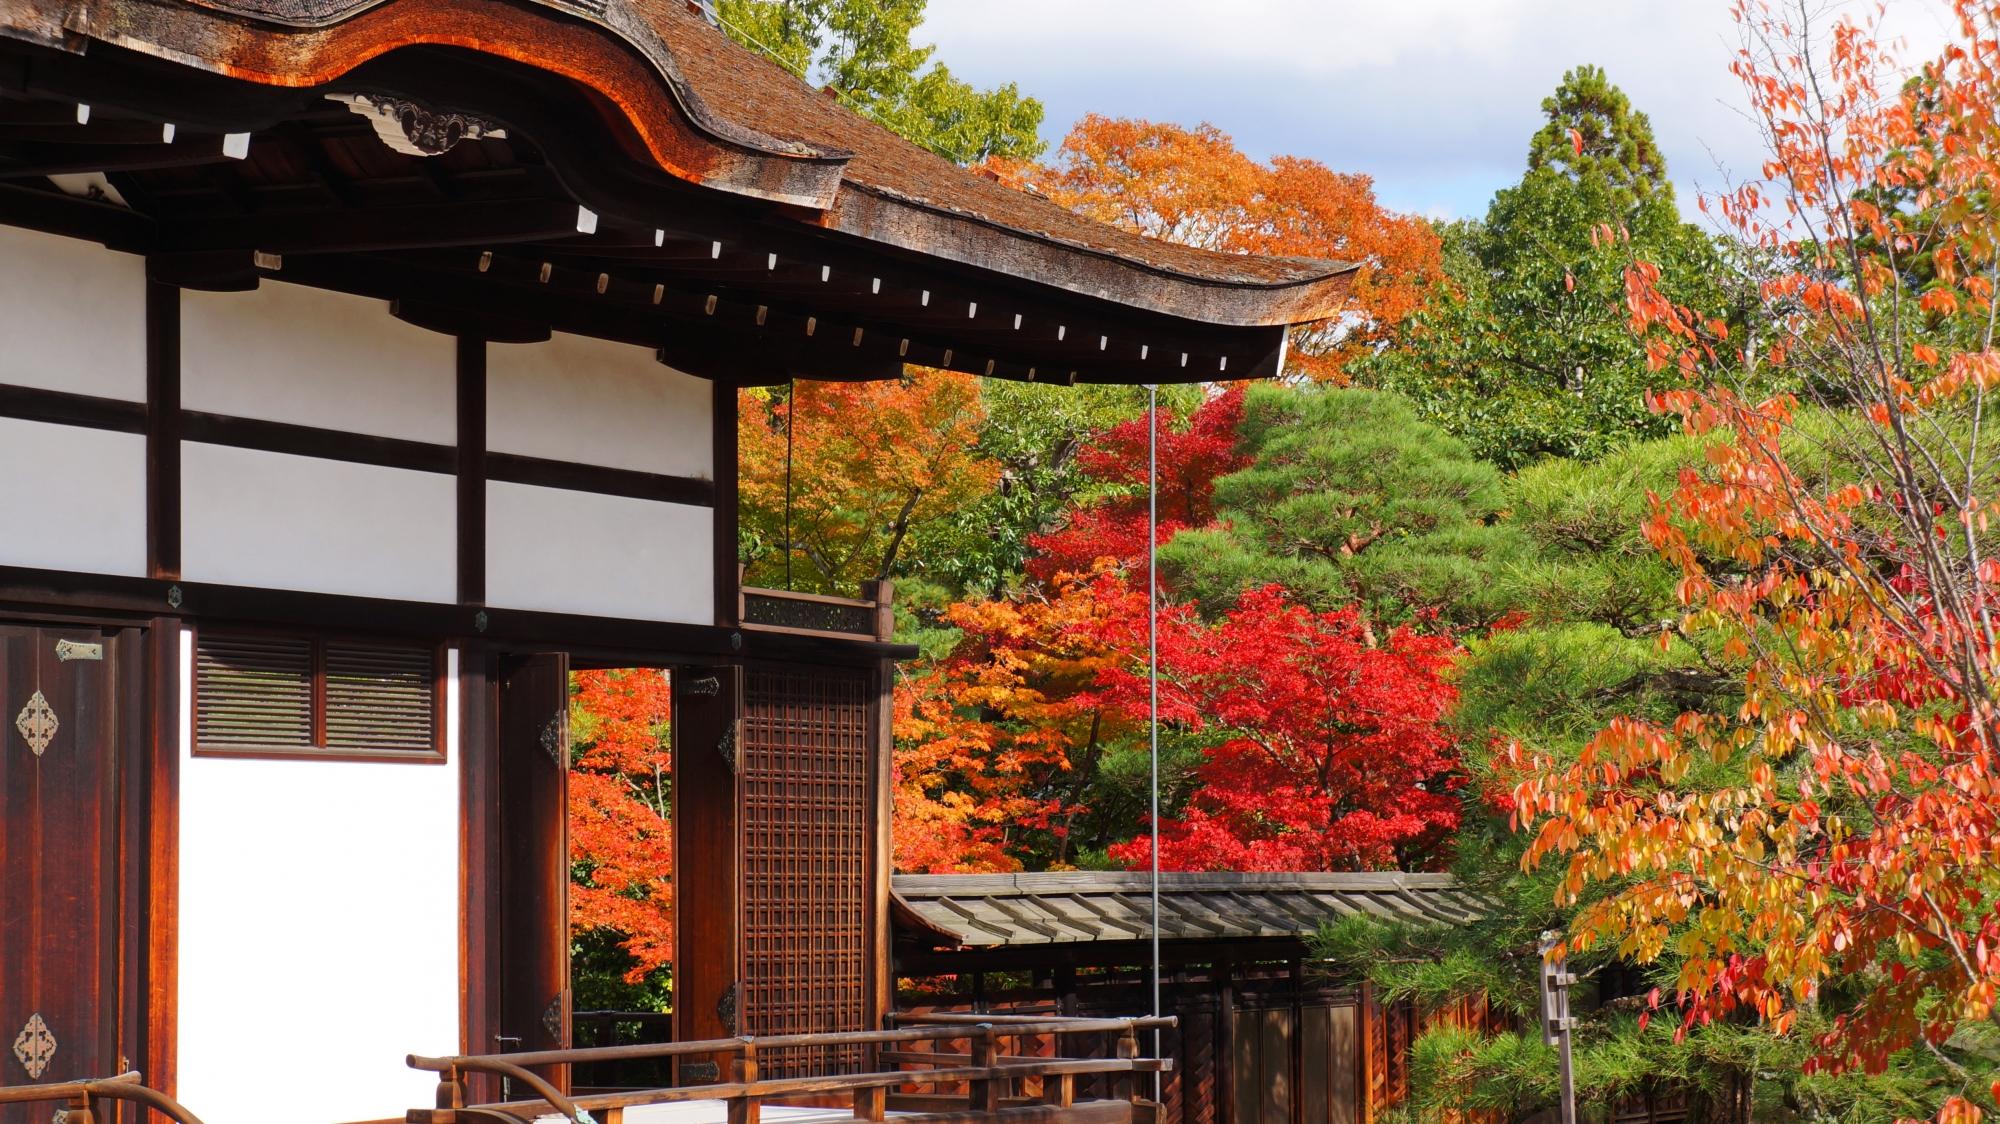 御殿南庭から眺めた御殿北庭の紅葉